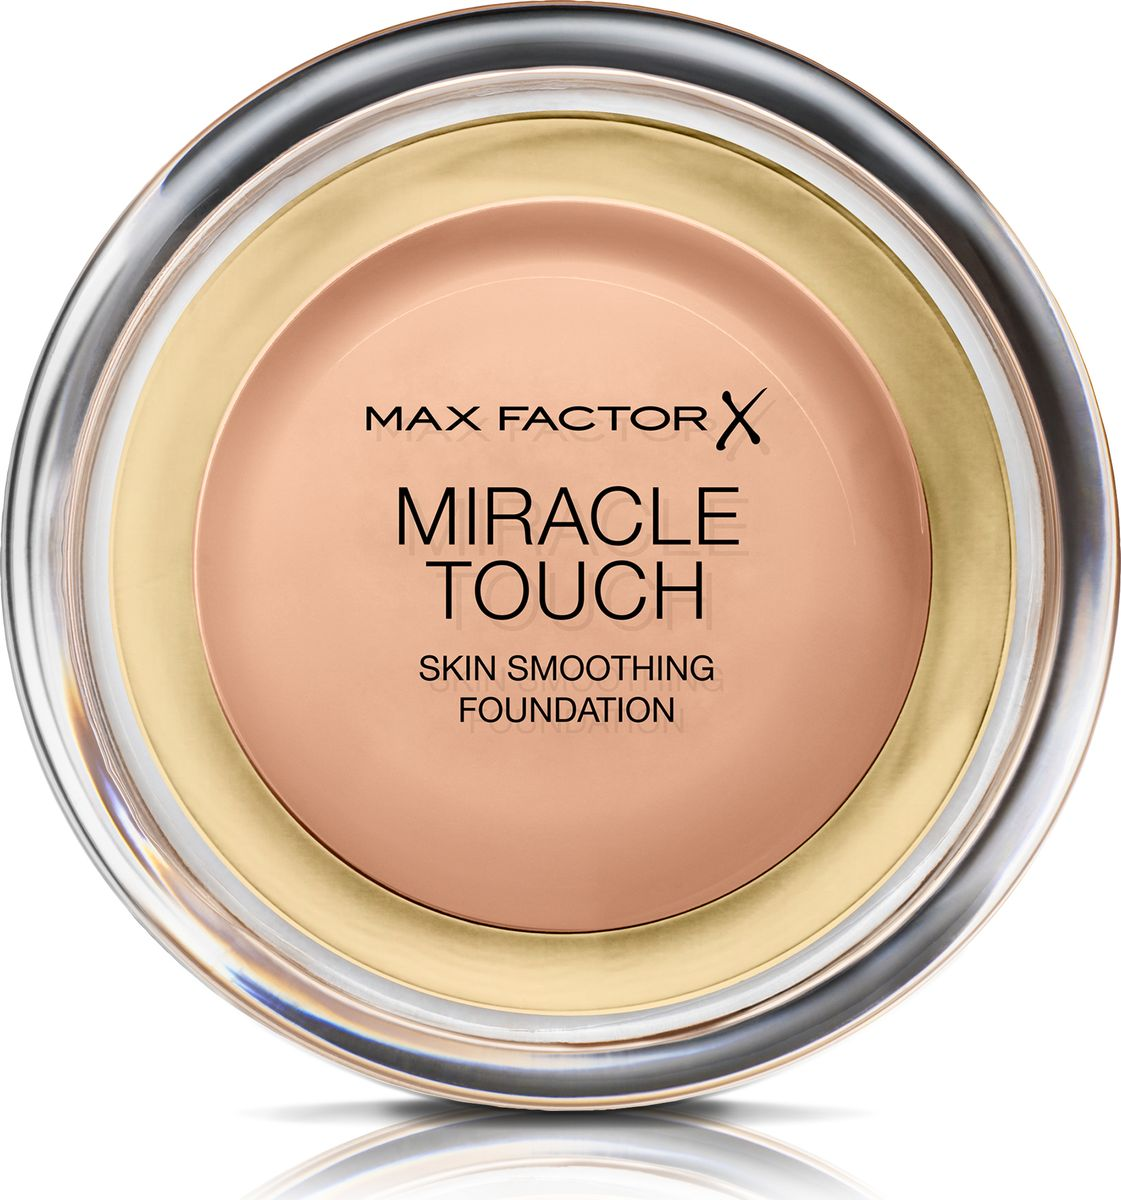 Max Factor Тональная Основа Miracle Touch Тон 70 natural 11,5 гр81062Уникальная универсальная тональная основа MaxFactorMiracleTouch обладает кремообразной формулой, благодаря которой превосходно подготовить кожу для макияжа очень легко. Всего один слой без необходимости нанесения консилера или пудры. Легкая твердая тональная основа тает в руках и гладко наносится на кожу, создавая идеальное, безупречно блестящее и равномерное покрытие, не слишком прозрачное и не слишком плотное. В результате кожа выглядит свежей, необычайно ровной и приобретает сияние. Чтобы создать безупречное покрытие, можно нанести всего один легкий слой тональной основы или же сделать покрытие более плотным благодаря специальной формуле. Тональная основа подходит для всех типов кожи, включая чувствительную кожу, и не вызывает угревой сыпи, так как не закупоривает поры. Спонж в комплекте для простого и аккуратного нанесения где угодно.Идеальное покрытие в один слой- консилер и пудра не нужны. Умеренное или плотное покрытие благодаря специальной формуле. Не вызывает угревую сыпь и не закупоривает поры. Дерматологически протестировано, подходит для чувствительной кожи.Удобная компактная форма, которую легко держать в руках, со спонжем для быстрого и простого нанесения. Идеальный оттенок должен соответствовать тону кожи на линии подбородка. Для получения наиболее профессионального результата с помощью спонжа, входящего в комплект, нанеси тональную основу MiracleTouchLiquidIllusion и распредели ее от центра лица к краям. Чтобы скрыть темные круги и недостатки кожи, наноси основу краем спонжа. Всегда наноси продукт при ярком дневном освещении.